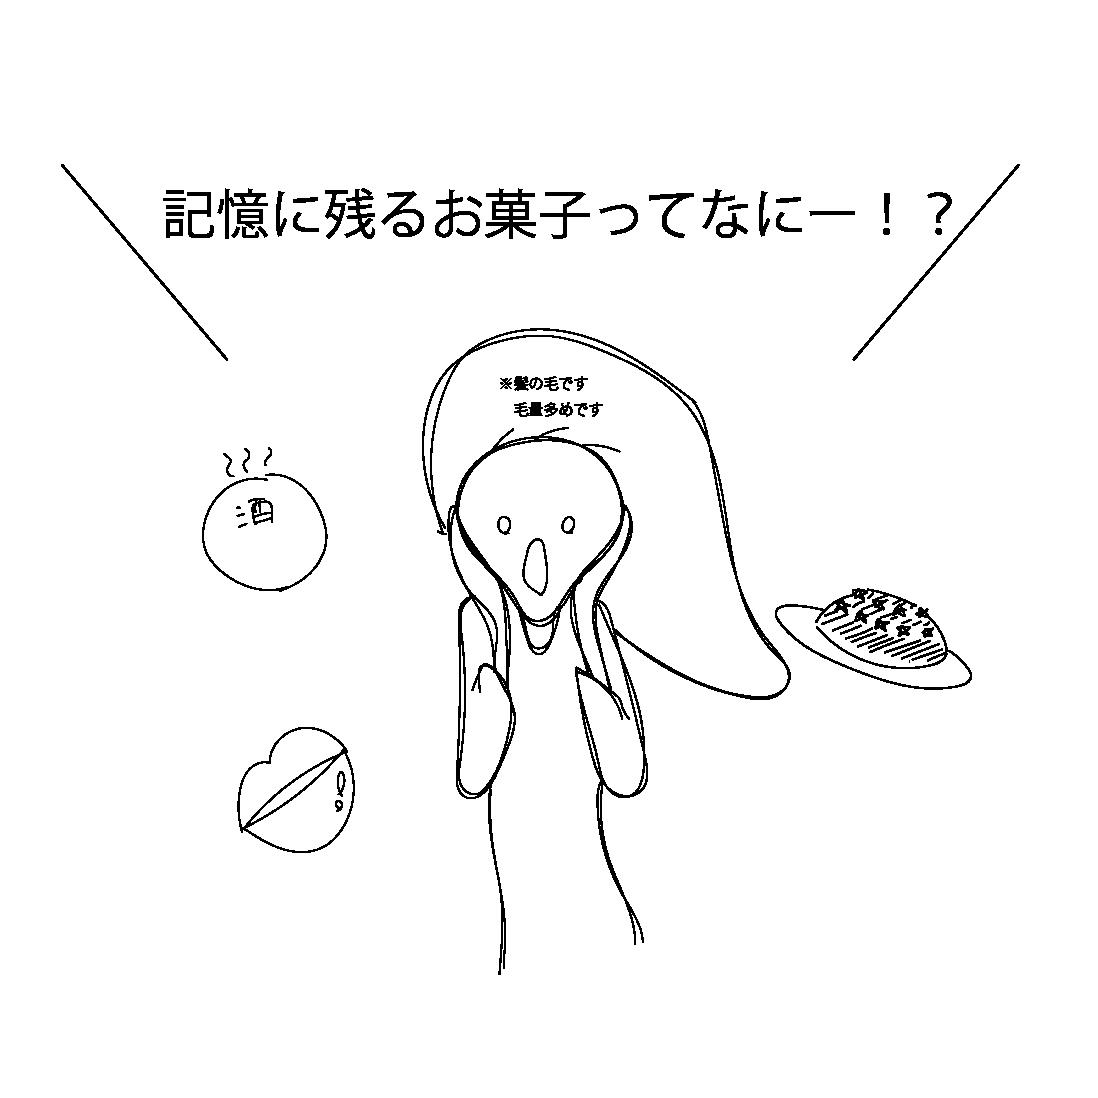 f:id:punimaru624:20210216163849p:plain